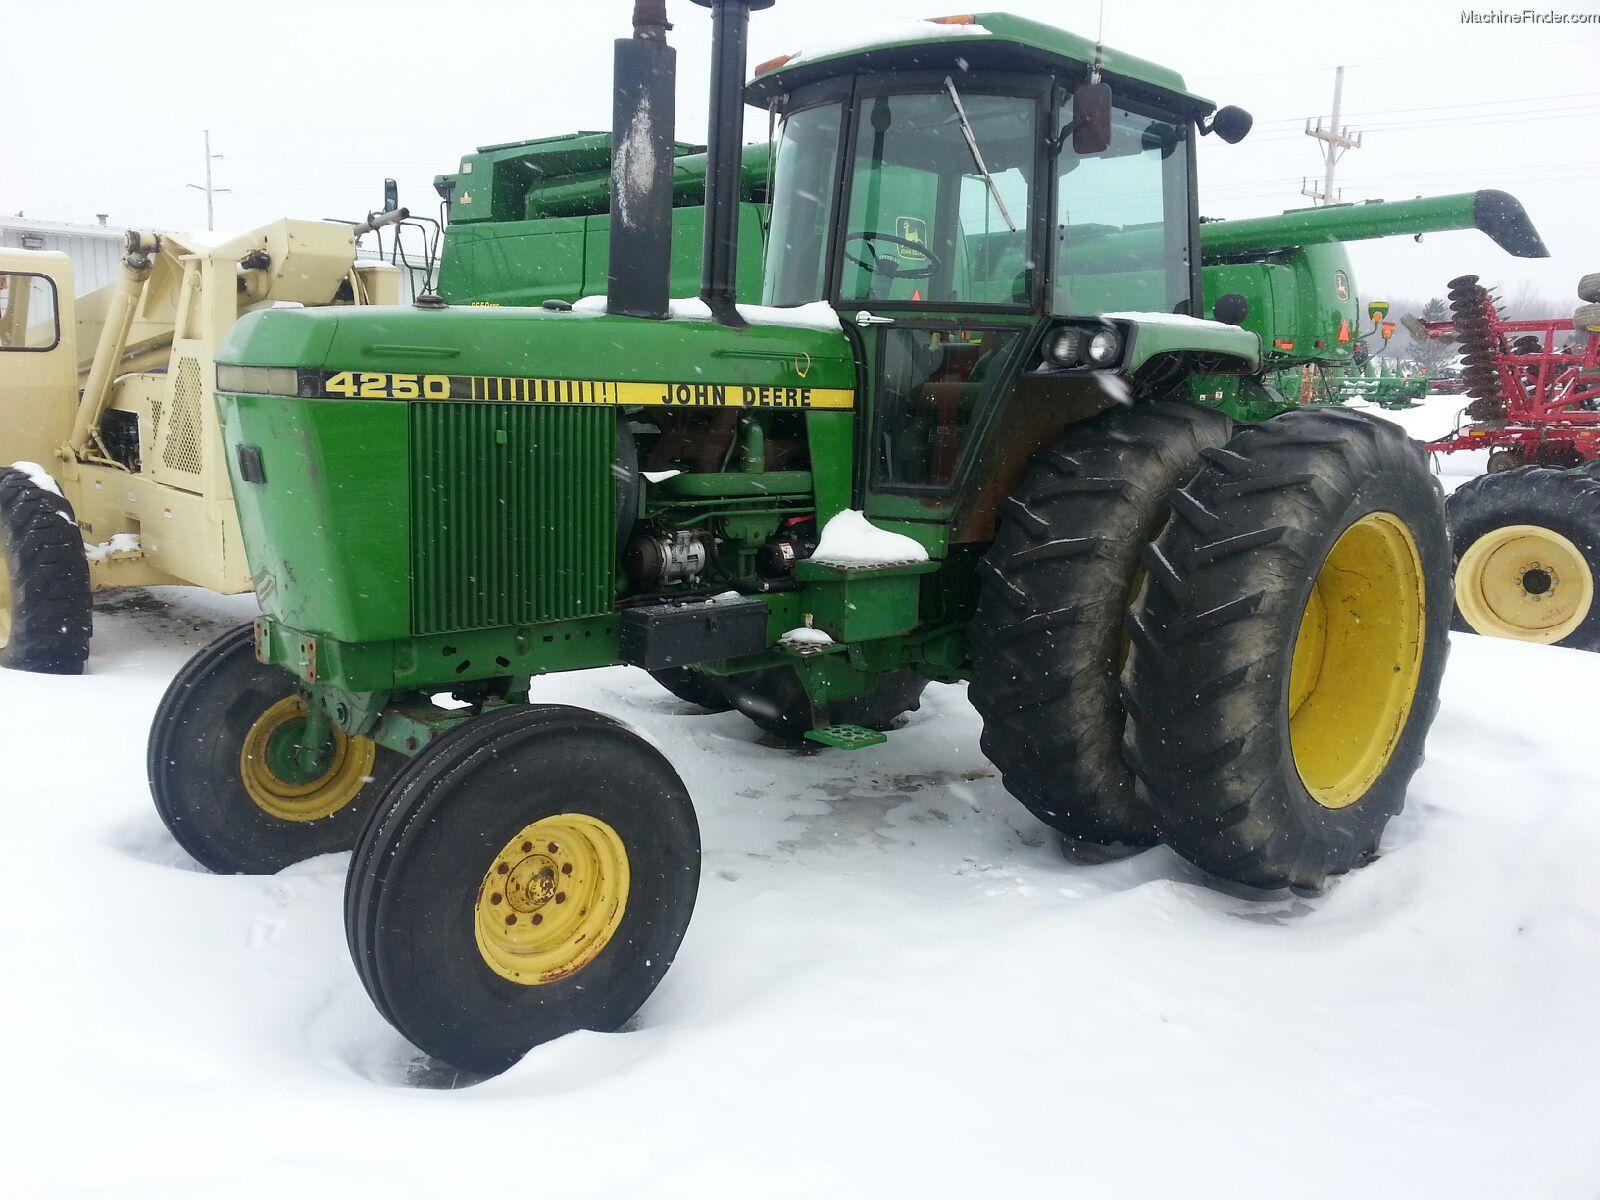 1983 John Deere 4250 Tractors - Row Crop (+100hp) - John ...